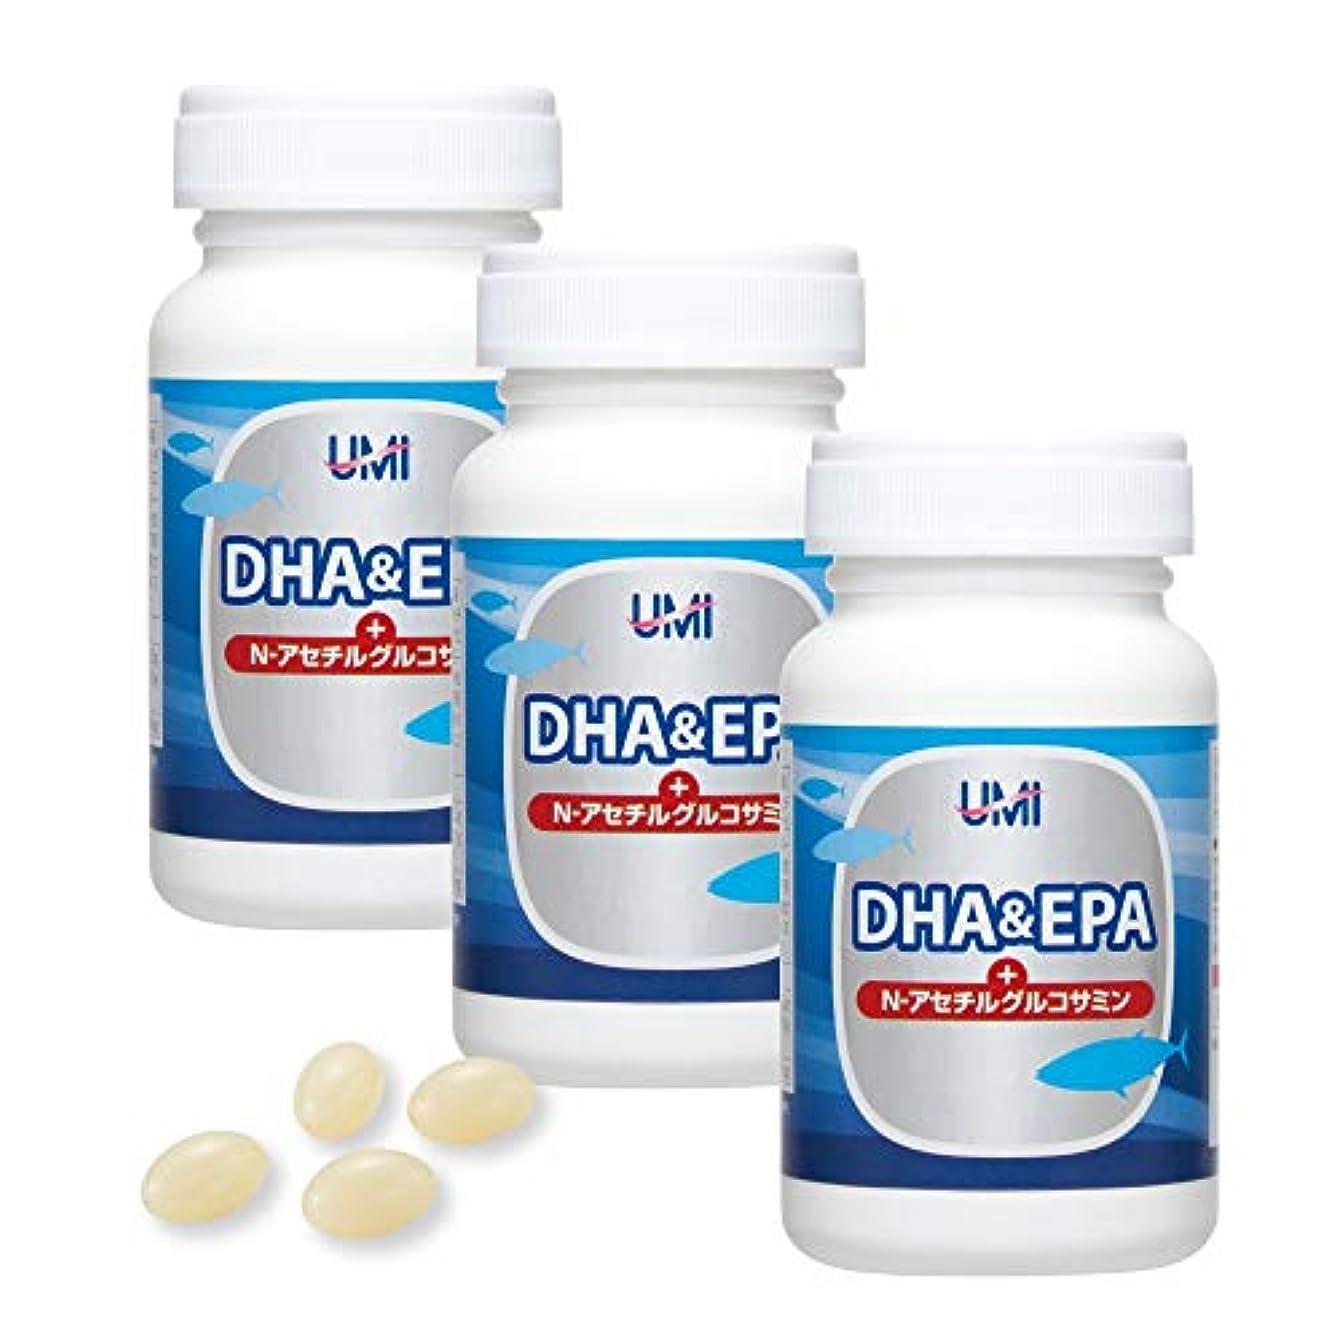 死ランプそよ風DHA&EPA+N-アセチルグルコサミン 3本360粒